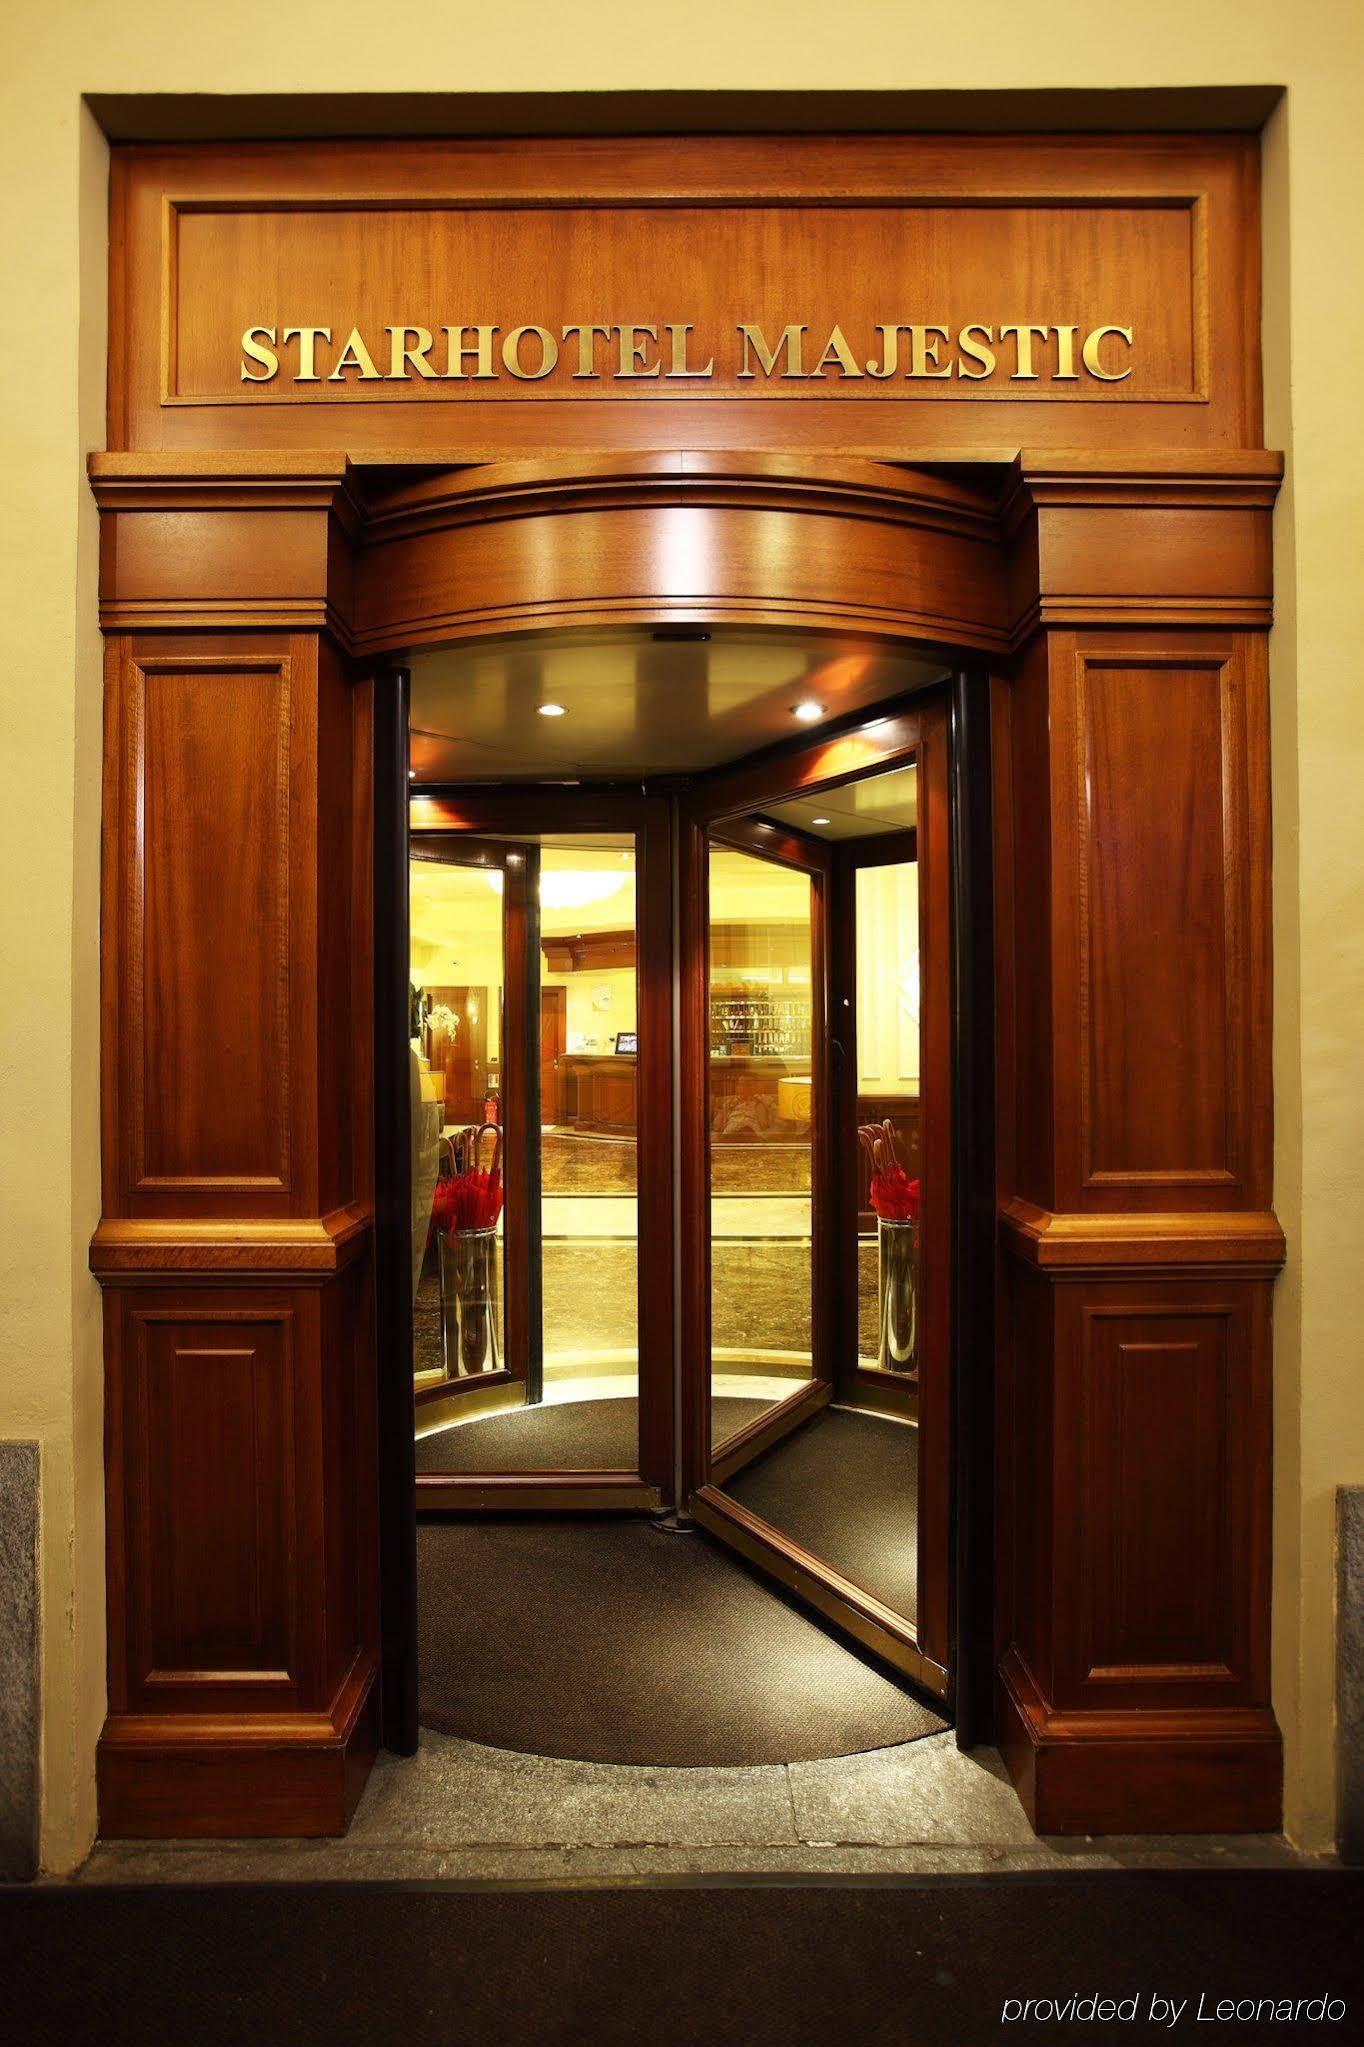 Starhotels Majestic